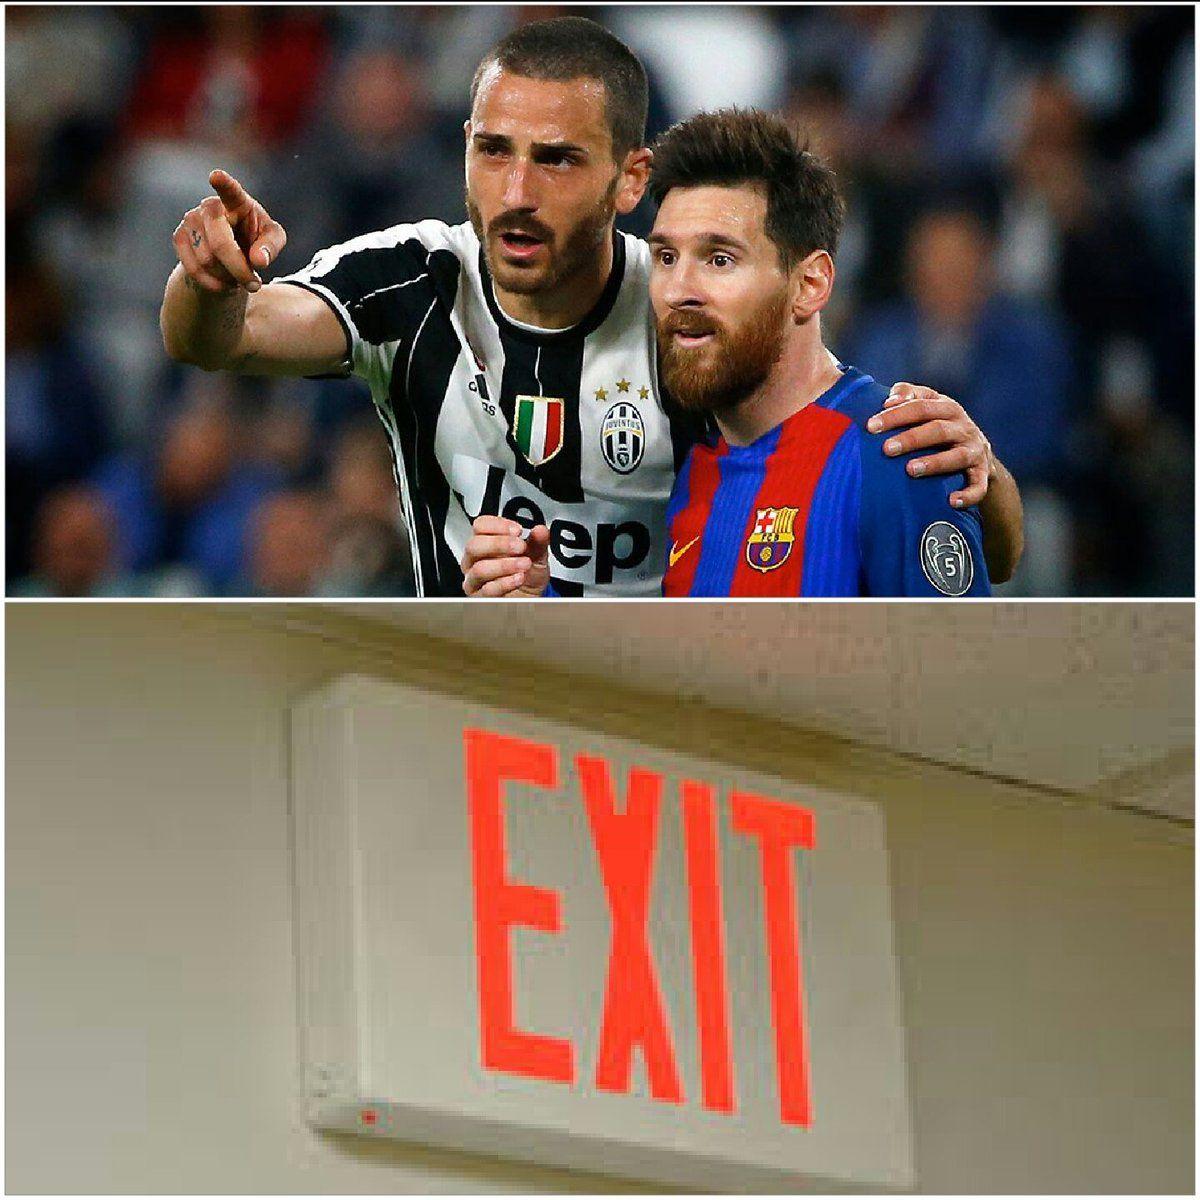 BARCA  OUT! #Messi : Bros Abeg wia d exit door dey? #Chiellini: U see dat door wea dey dia? Follow am go #Messi : tnks<br>http://pic.twitter.com/gIluMA90hr